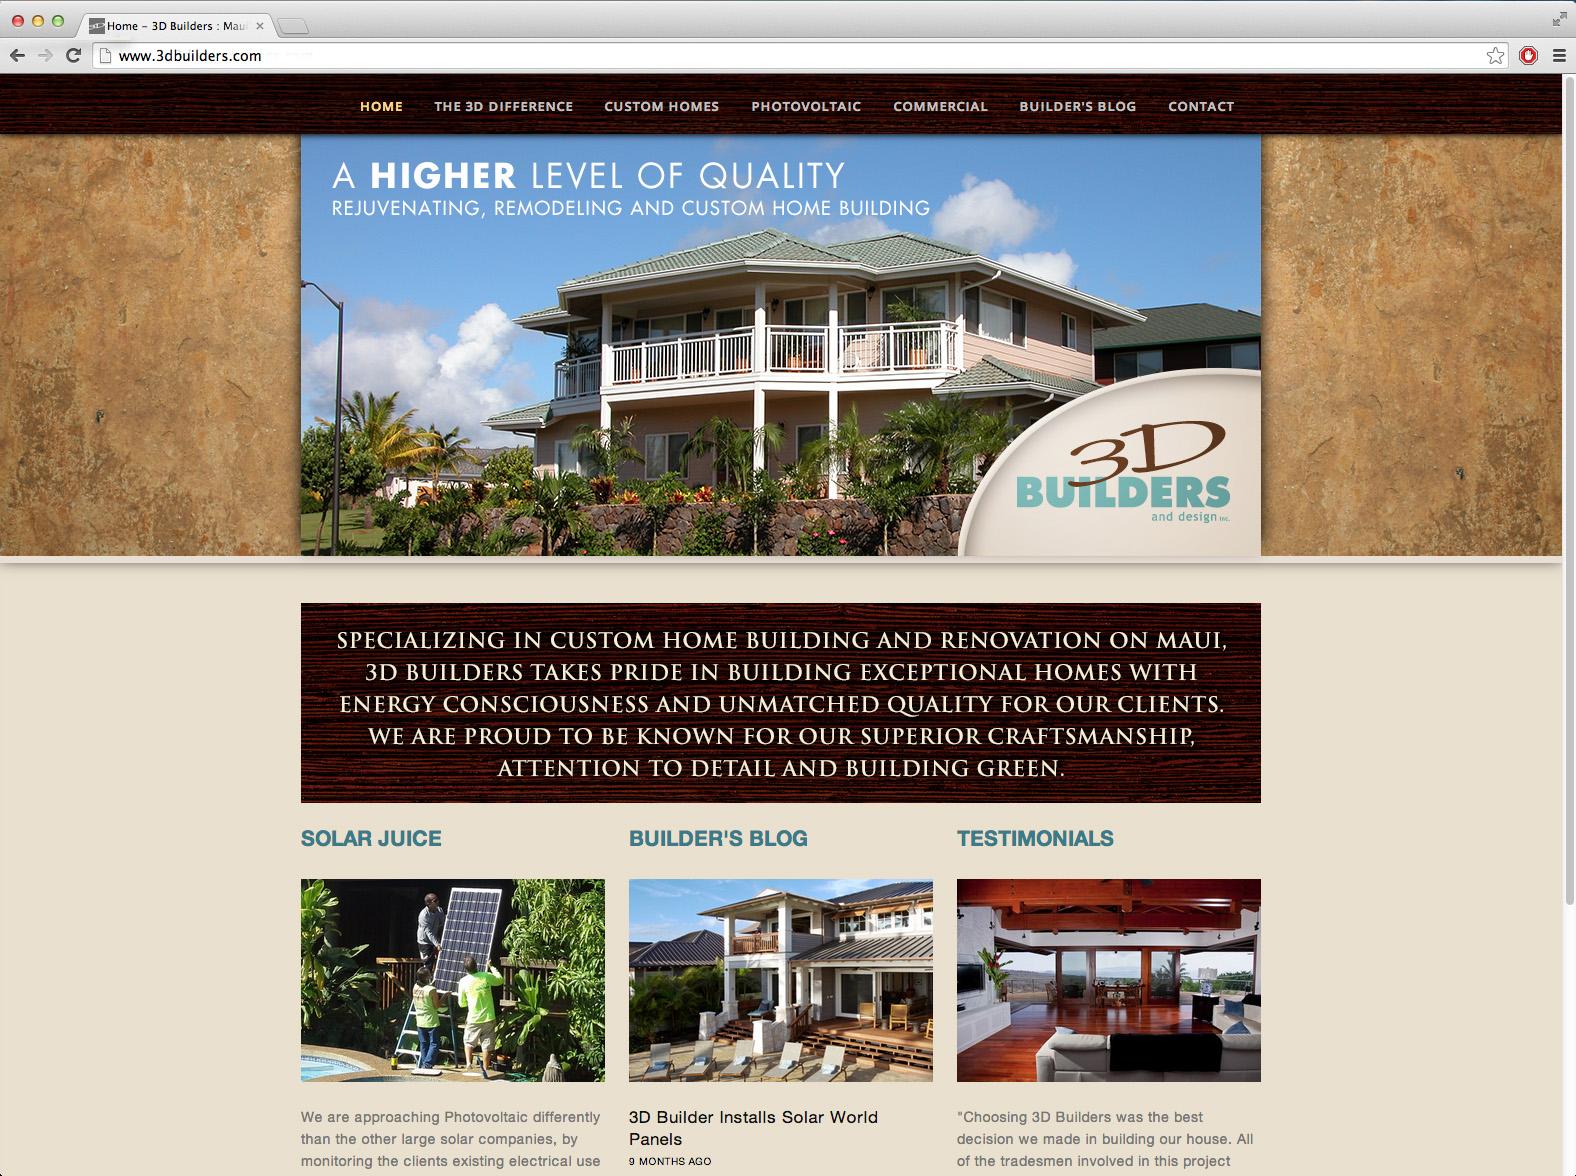 Update 3D Builders website built for 2014